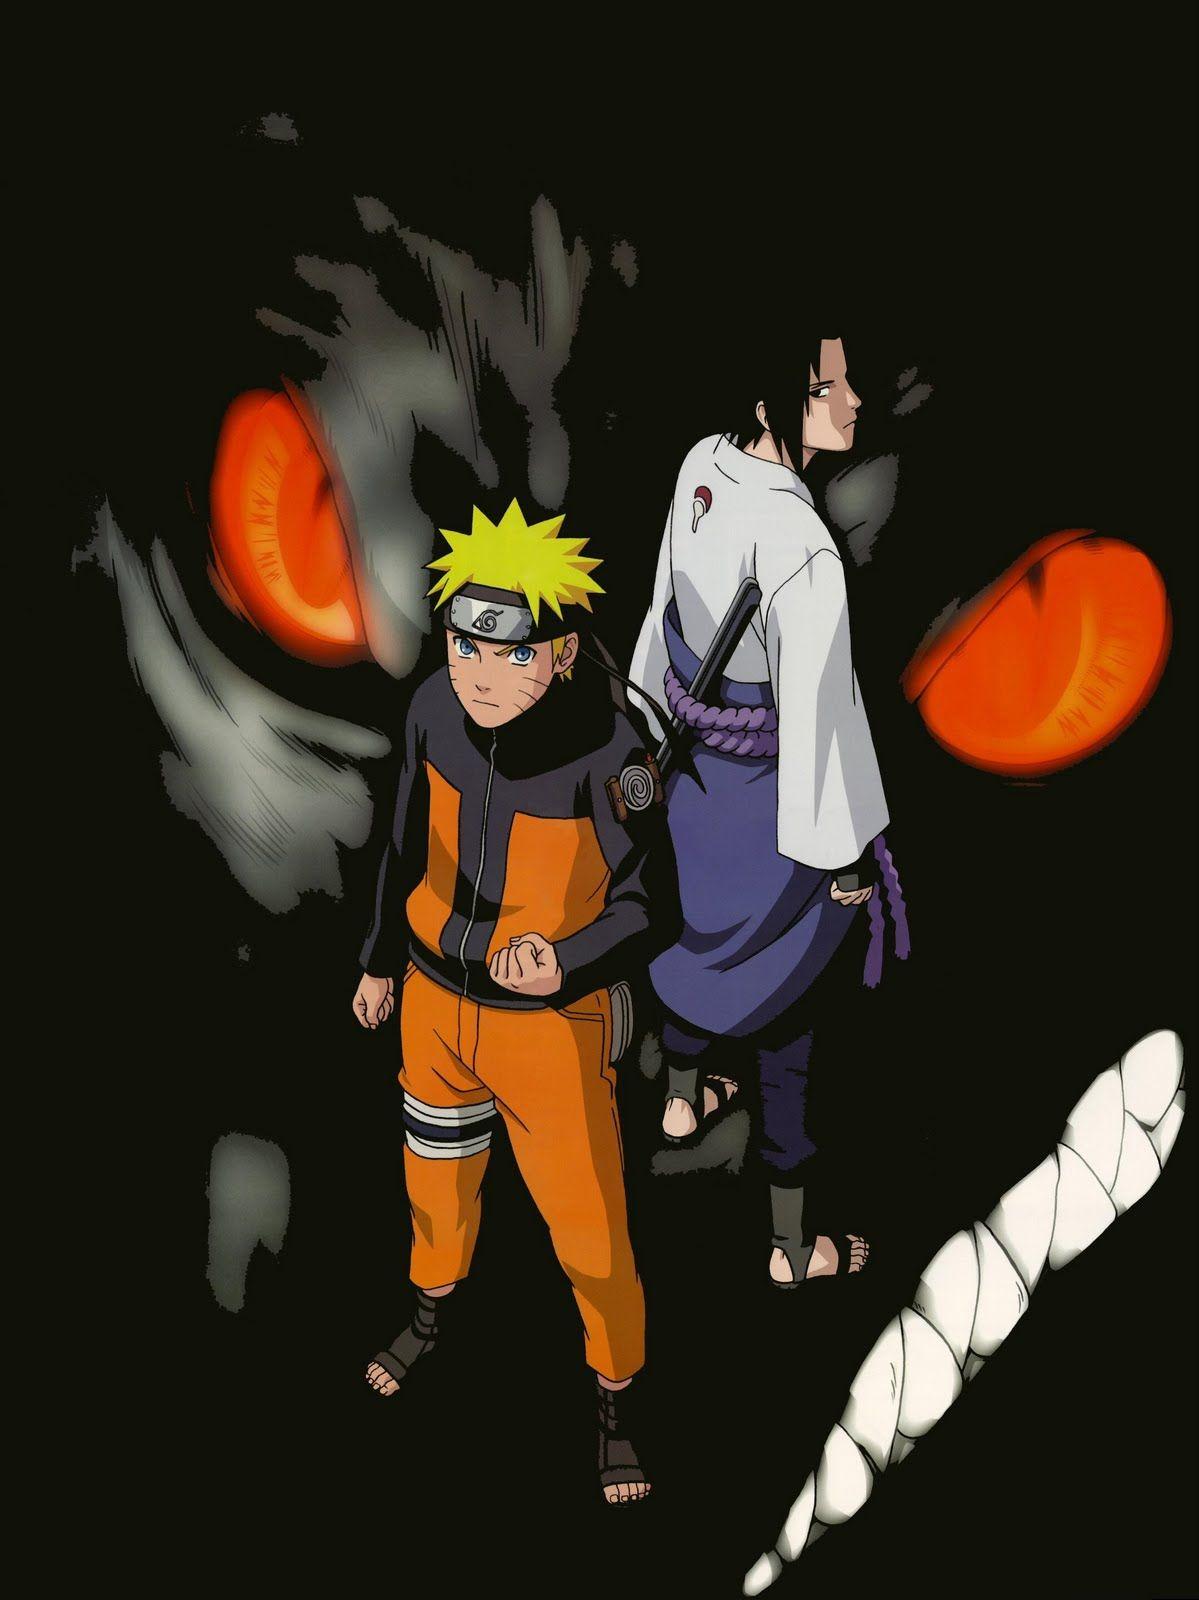 naruto Google Search Anime naruto, Anime, Naruto